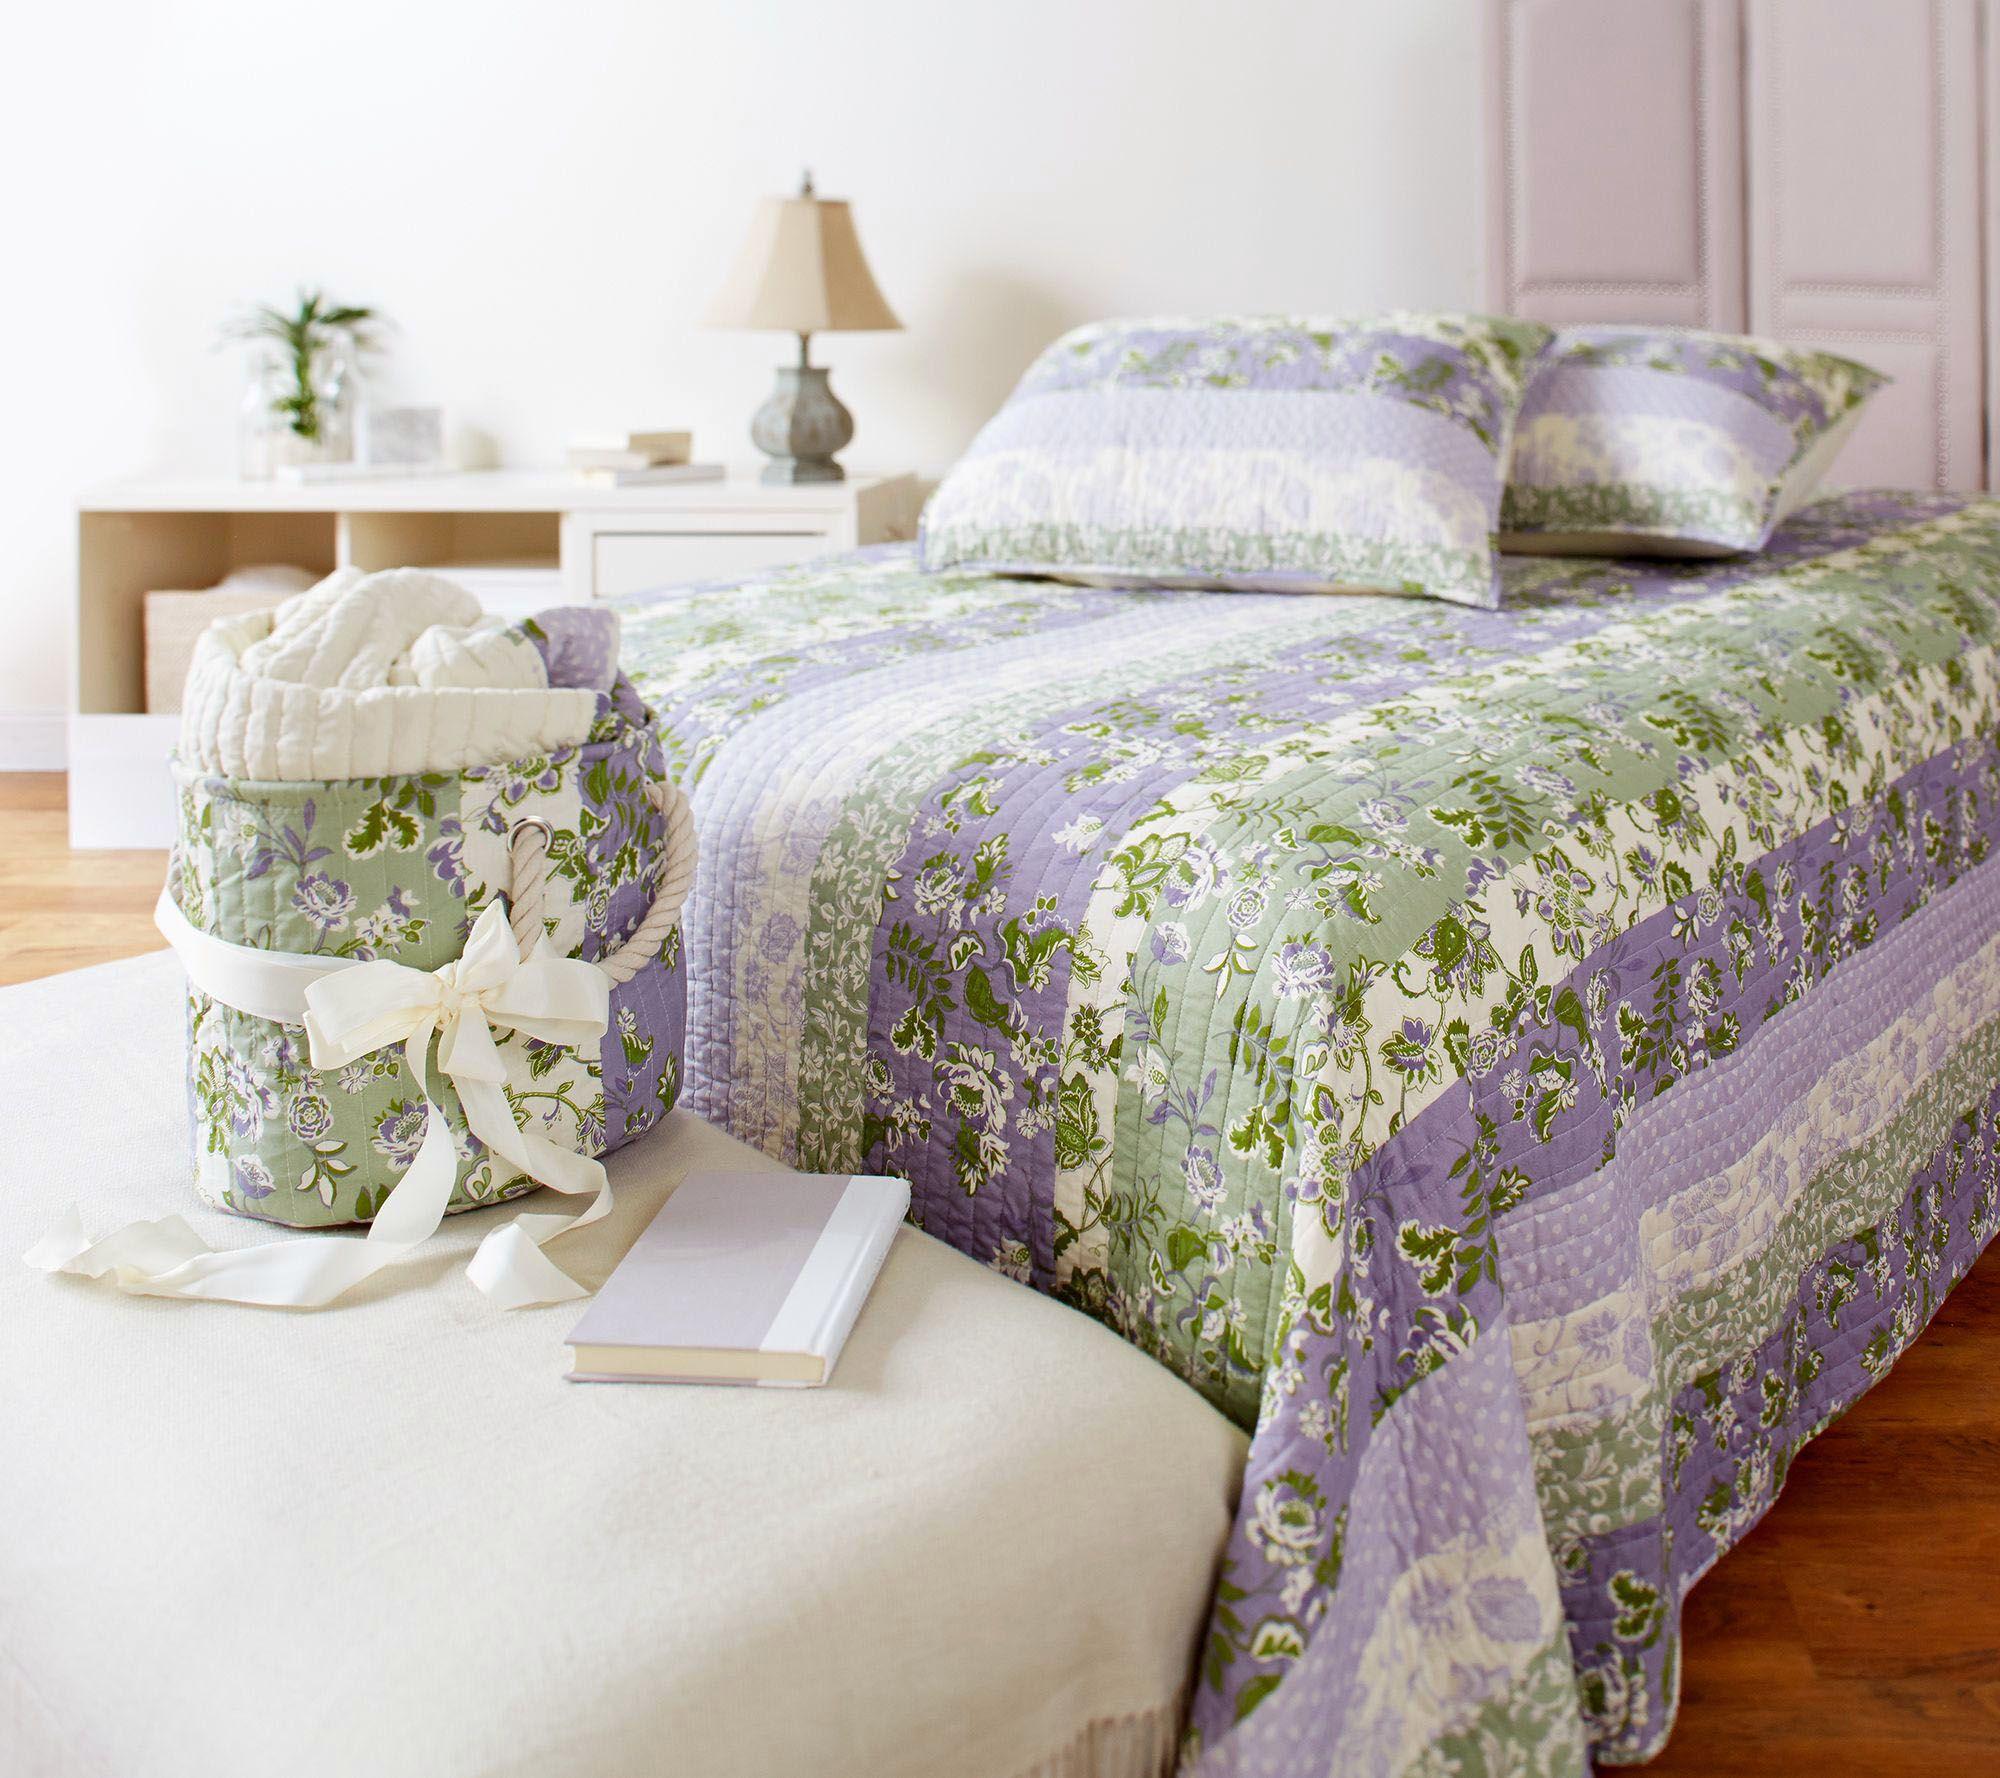 The Quilt Patch Cotton Floral Pattern Quilt Set & Storage